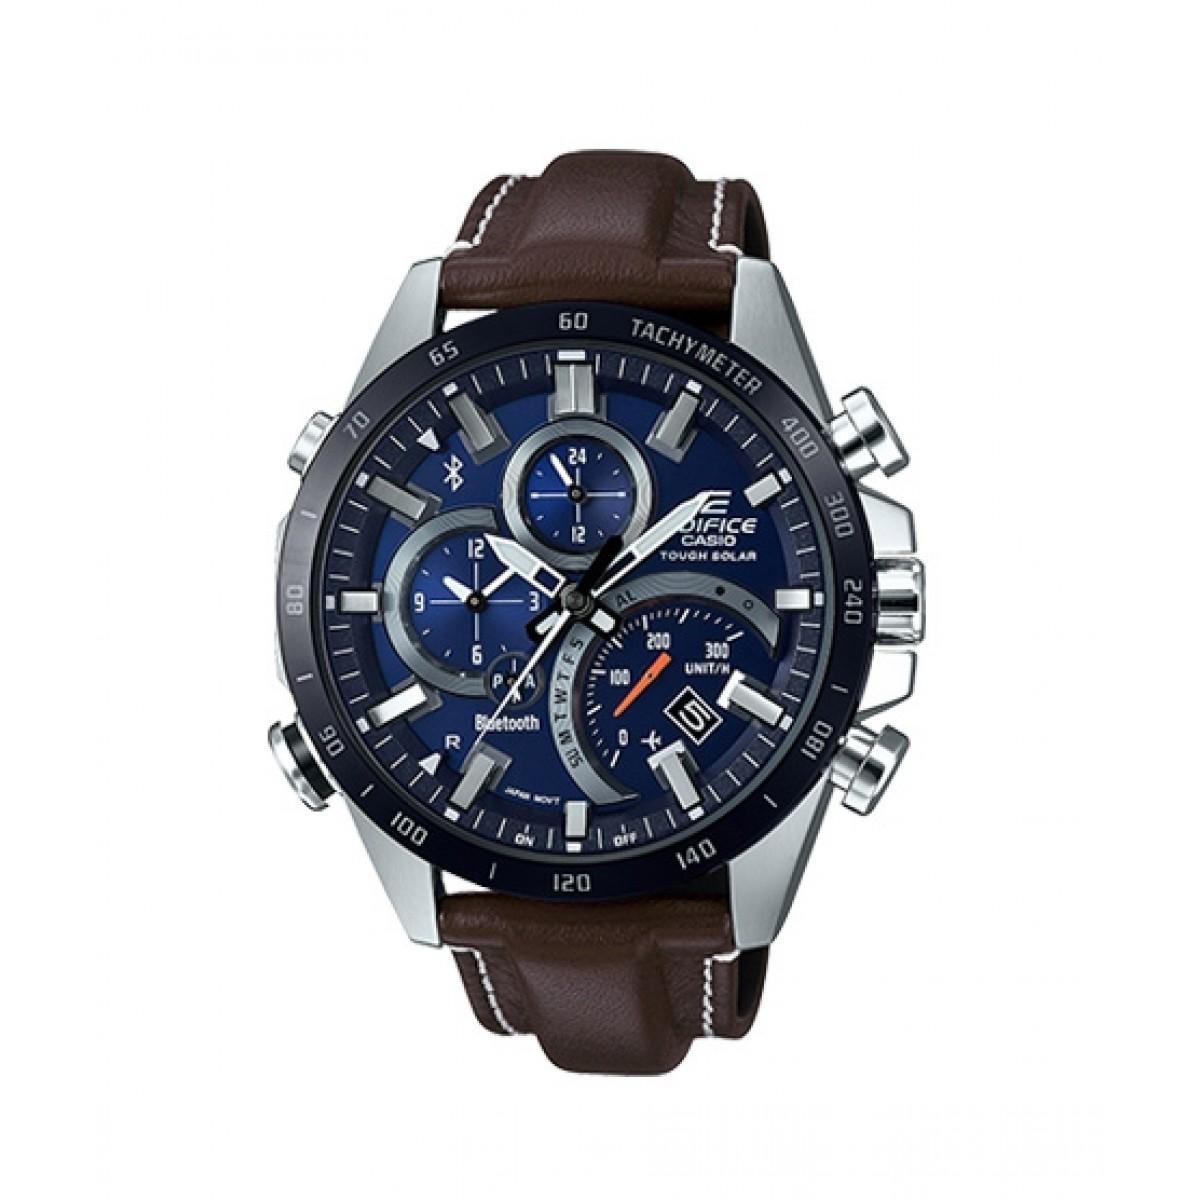 Casio Edifice Men's Watch Price in Pakistan | Buy Casio Men's Watch ( EQB501XBL-2A) | iShopping.pk